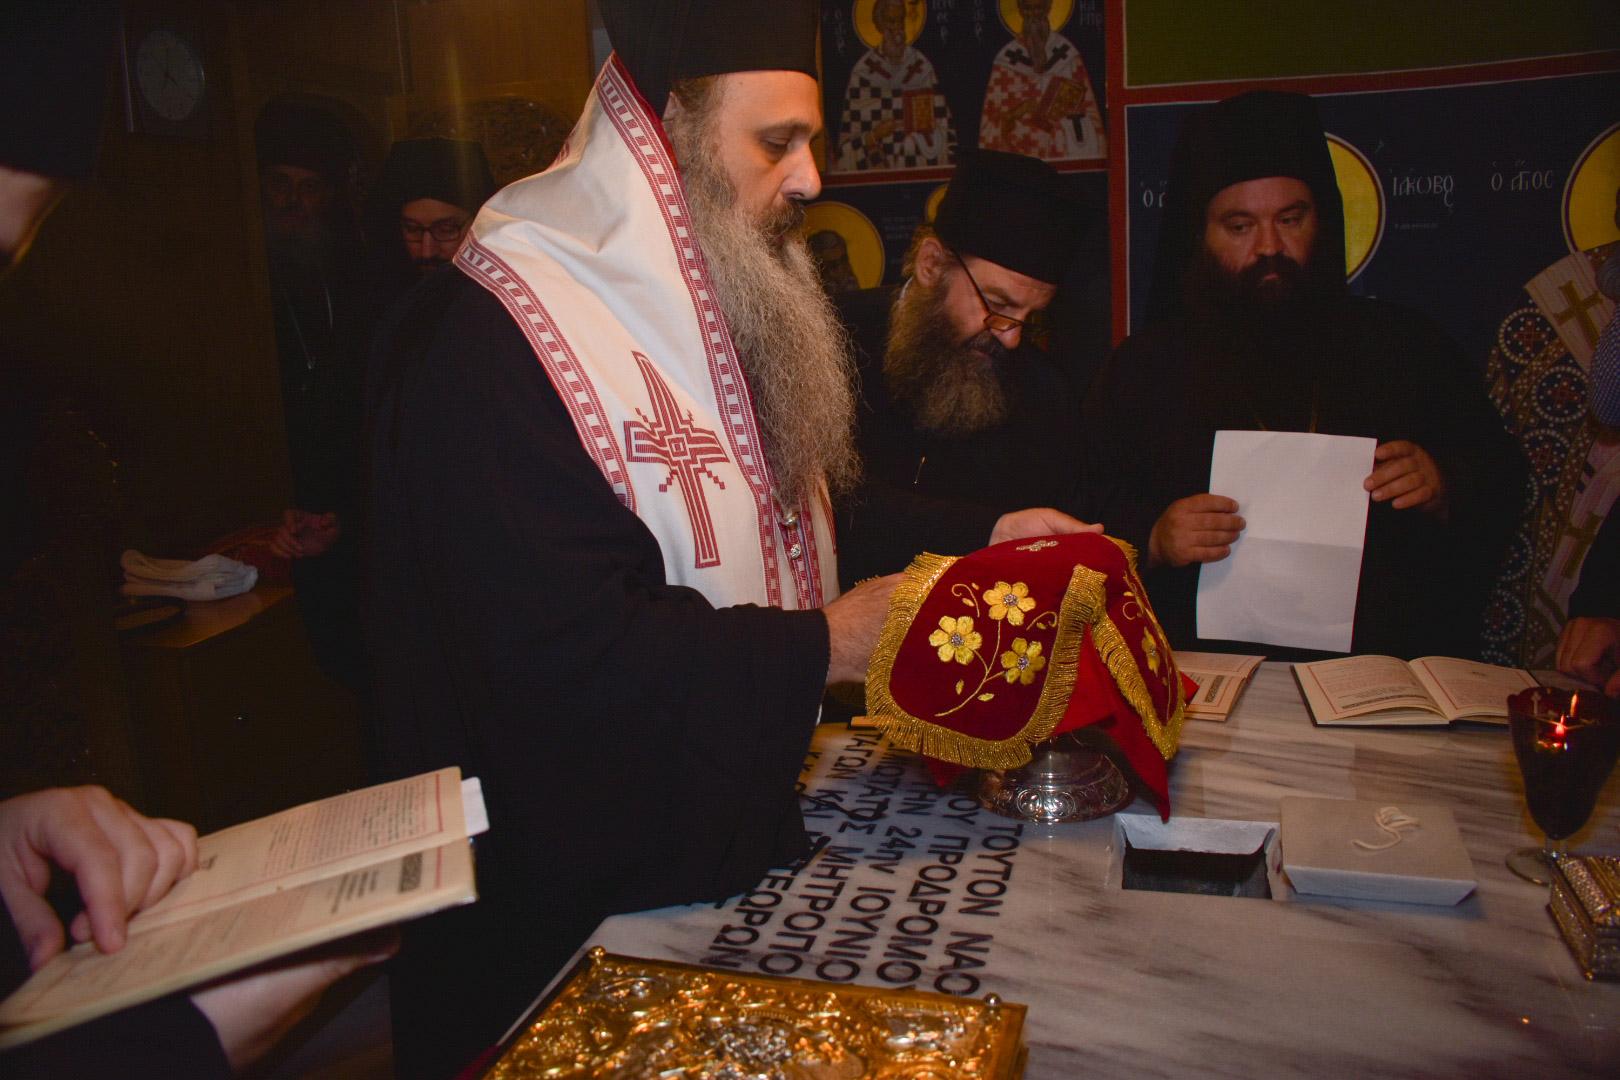 Εγκαίνια του Ι. Ναού του Ησυχαστηρίου της Ιεράς Μονής Βαρλαάμ FOTO